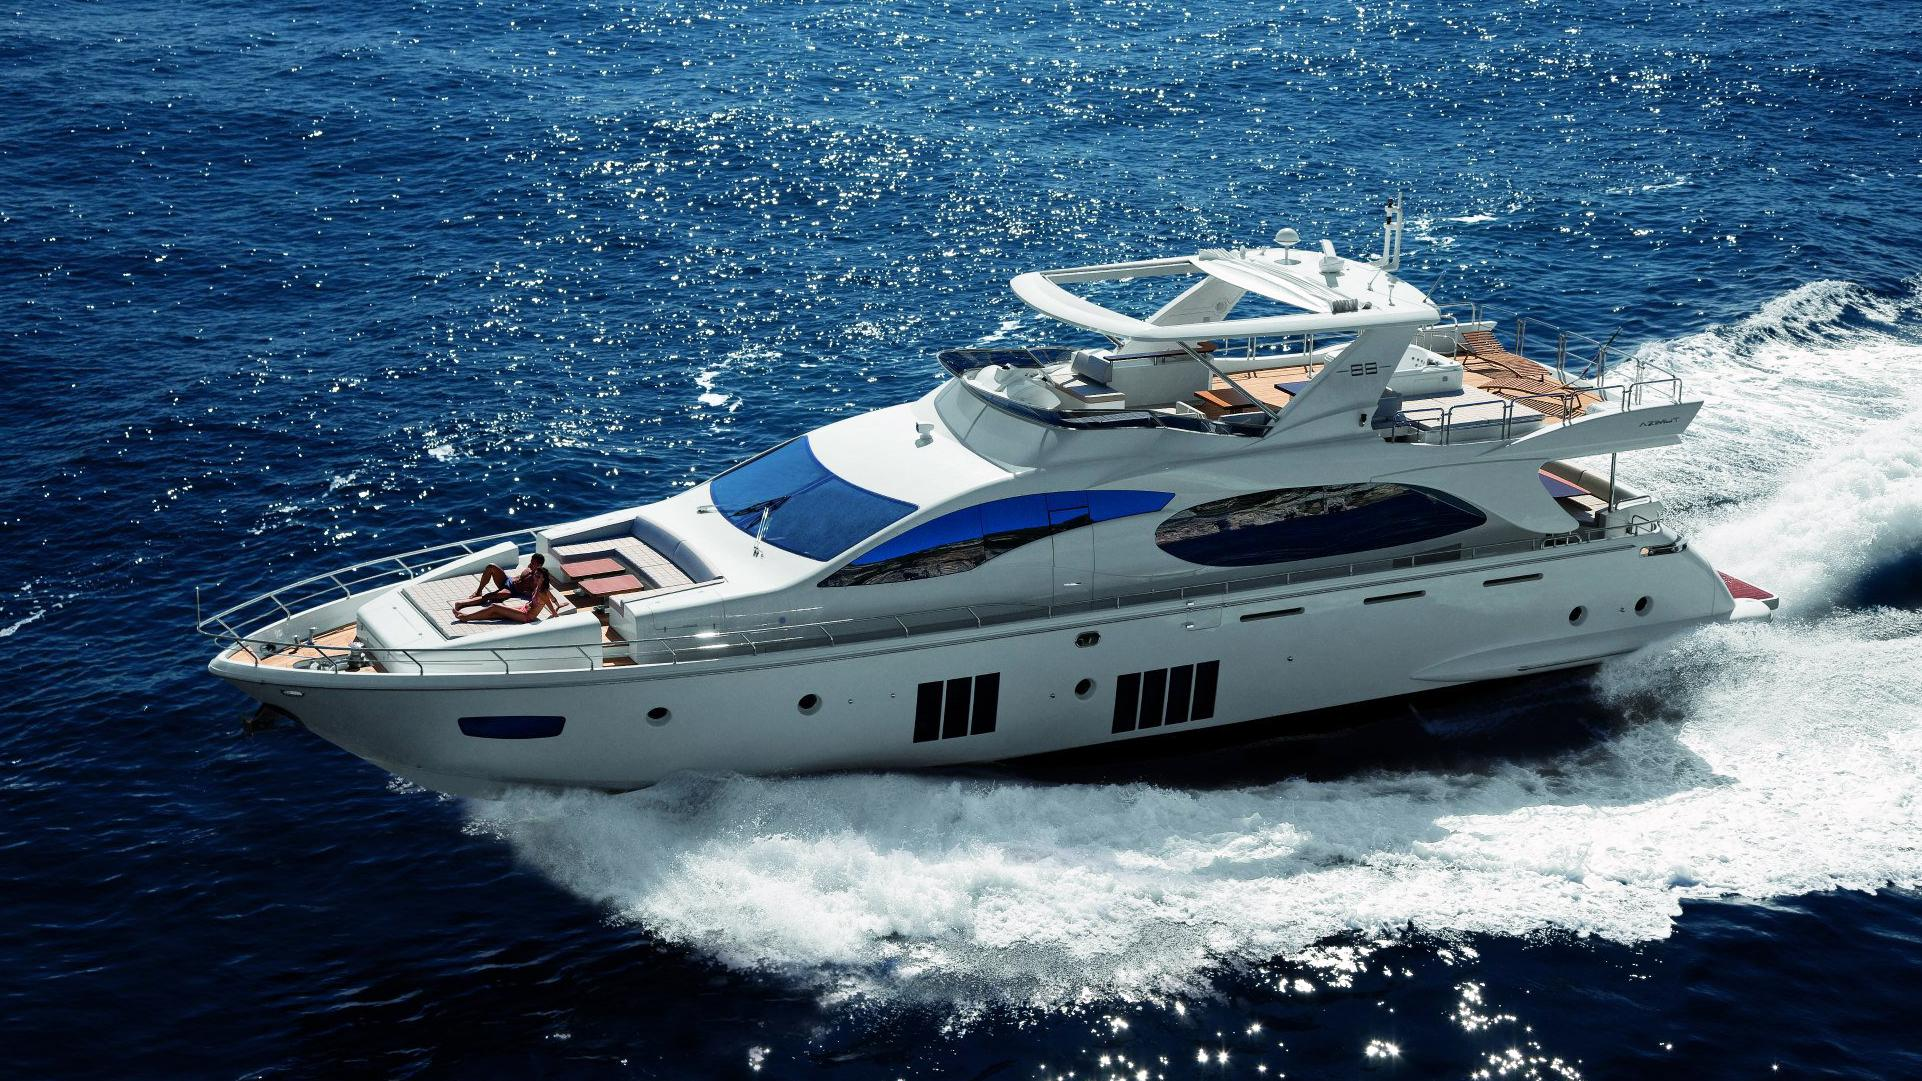 azimut-88-motor-yacht-2013-27m-aerial